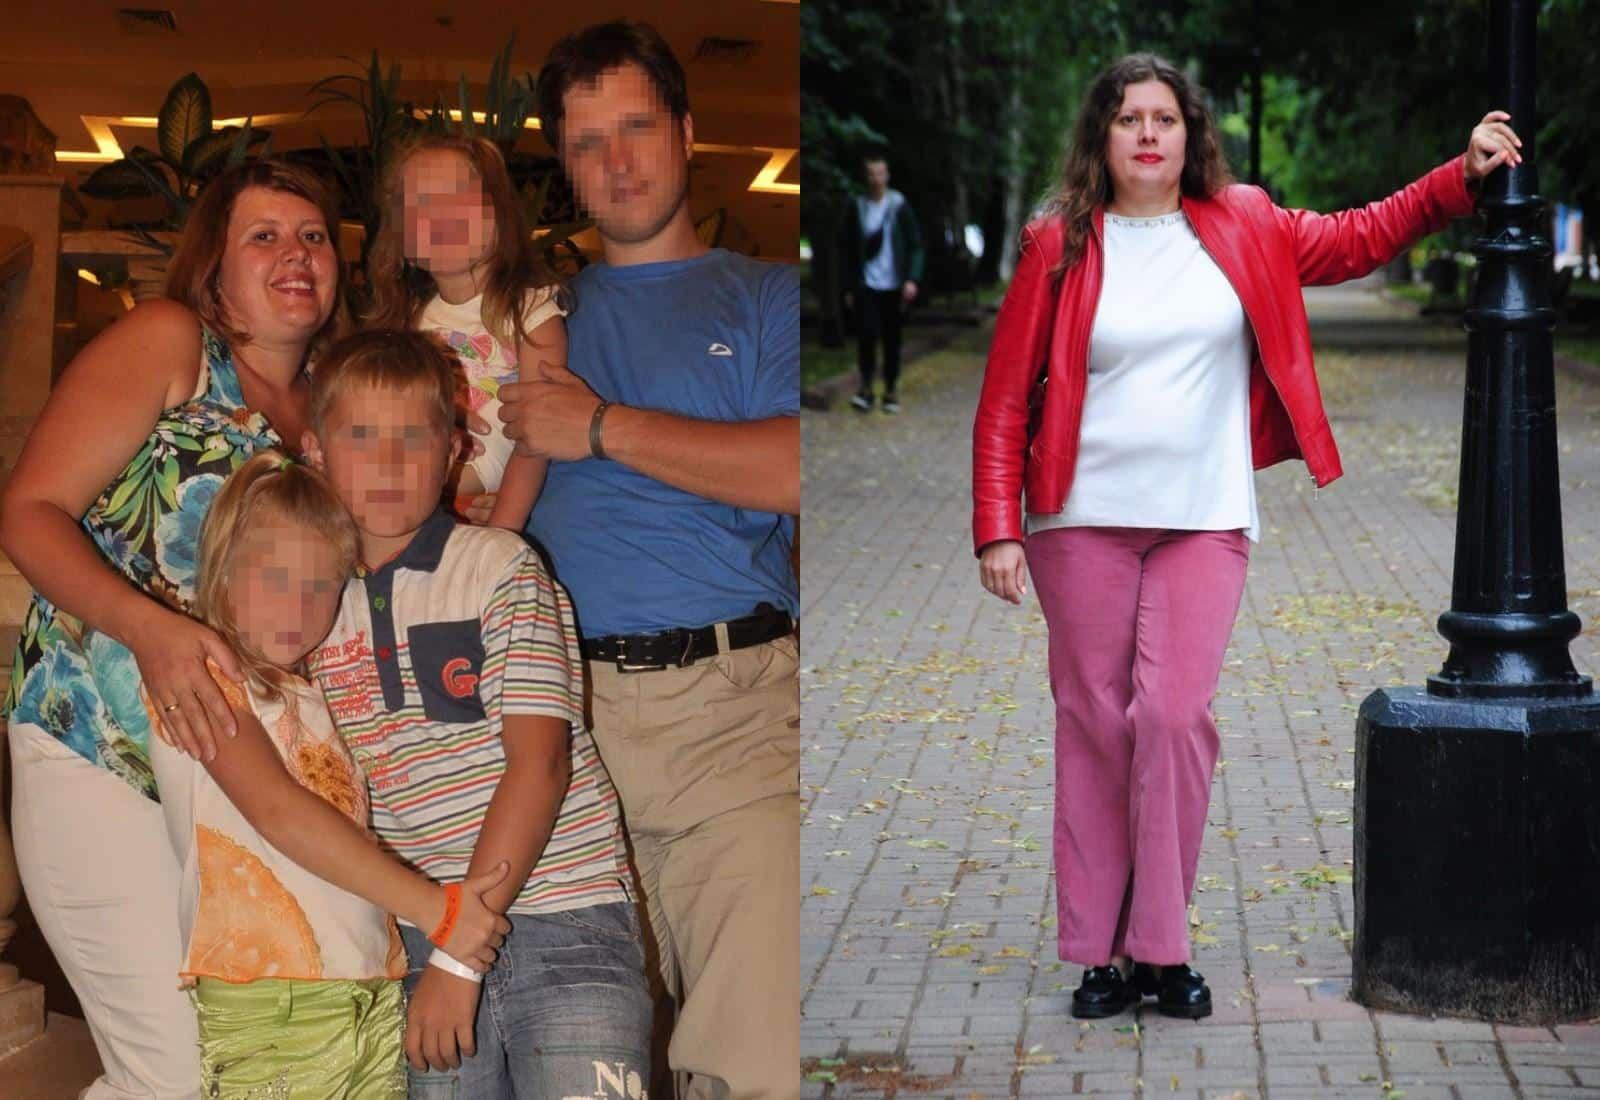 Подмосковная учительница повесила своего ребенка пока остальные члены семьи были на прогулке